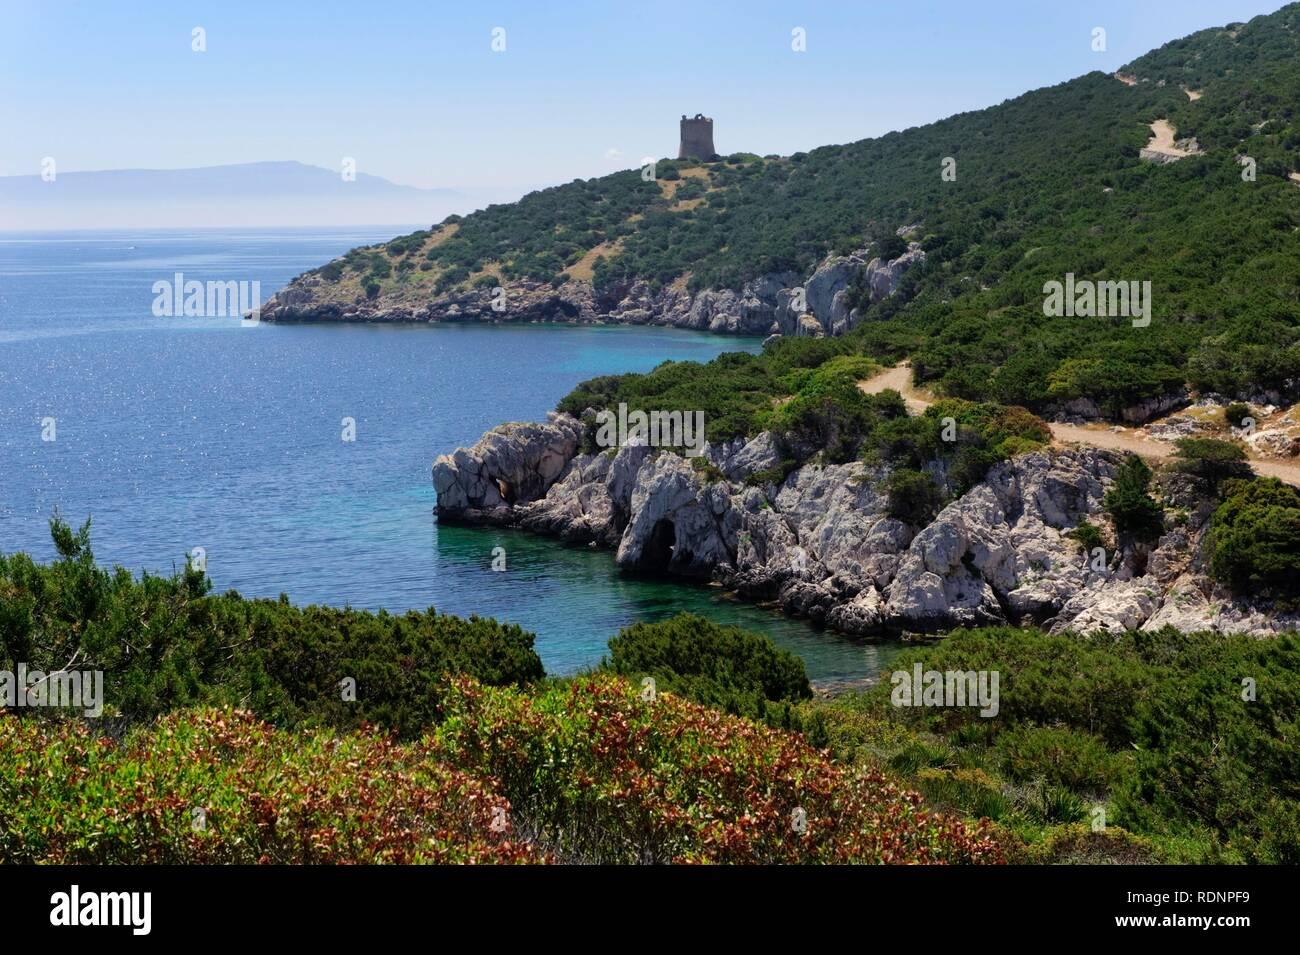 Bay of Porto Conte near Alghero, Sassari Province, Northern Sardinia, Italy, Europe - Stock Image